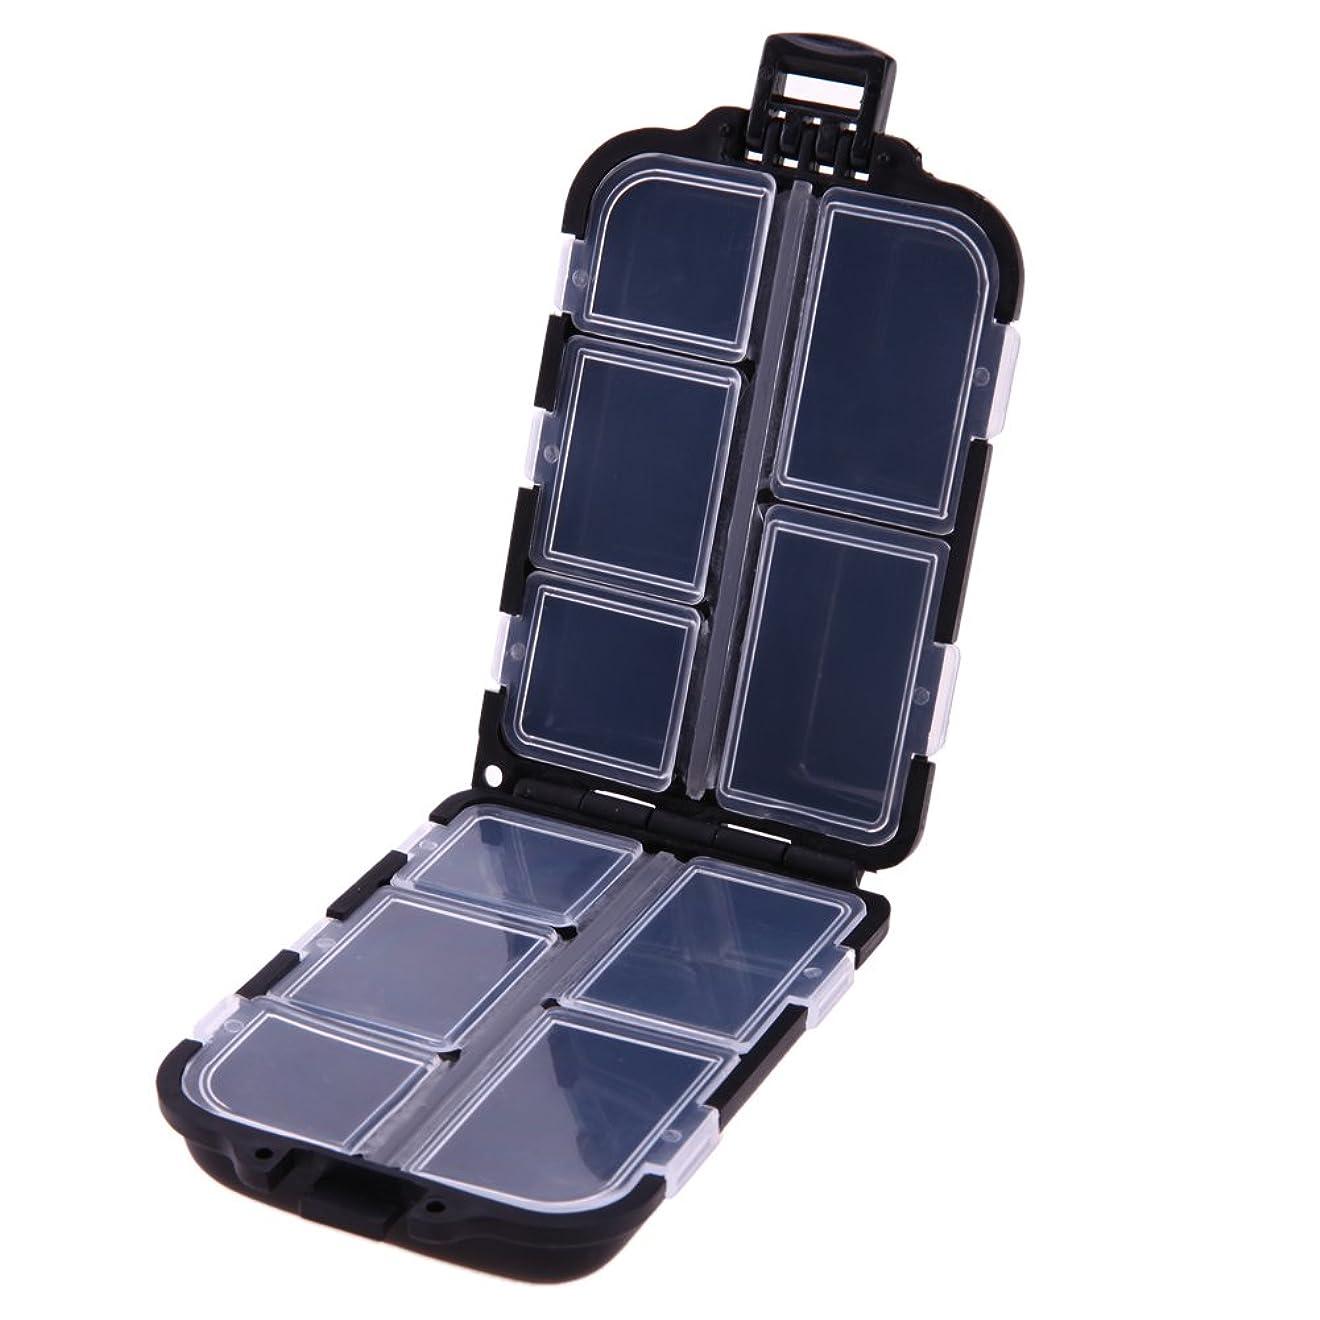 パブ魅力梨JVSISM 10格実用性のある釣りタックルボックスルアーフック硬質プラスチック釣具、ブラック